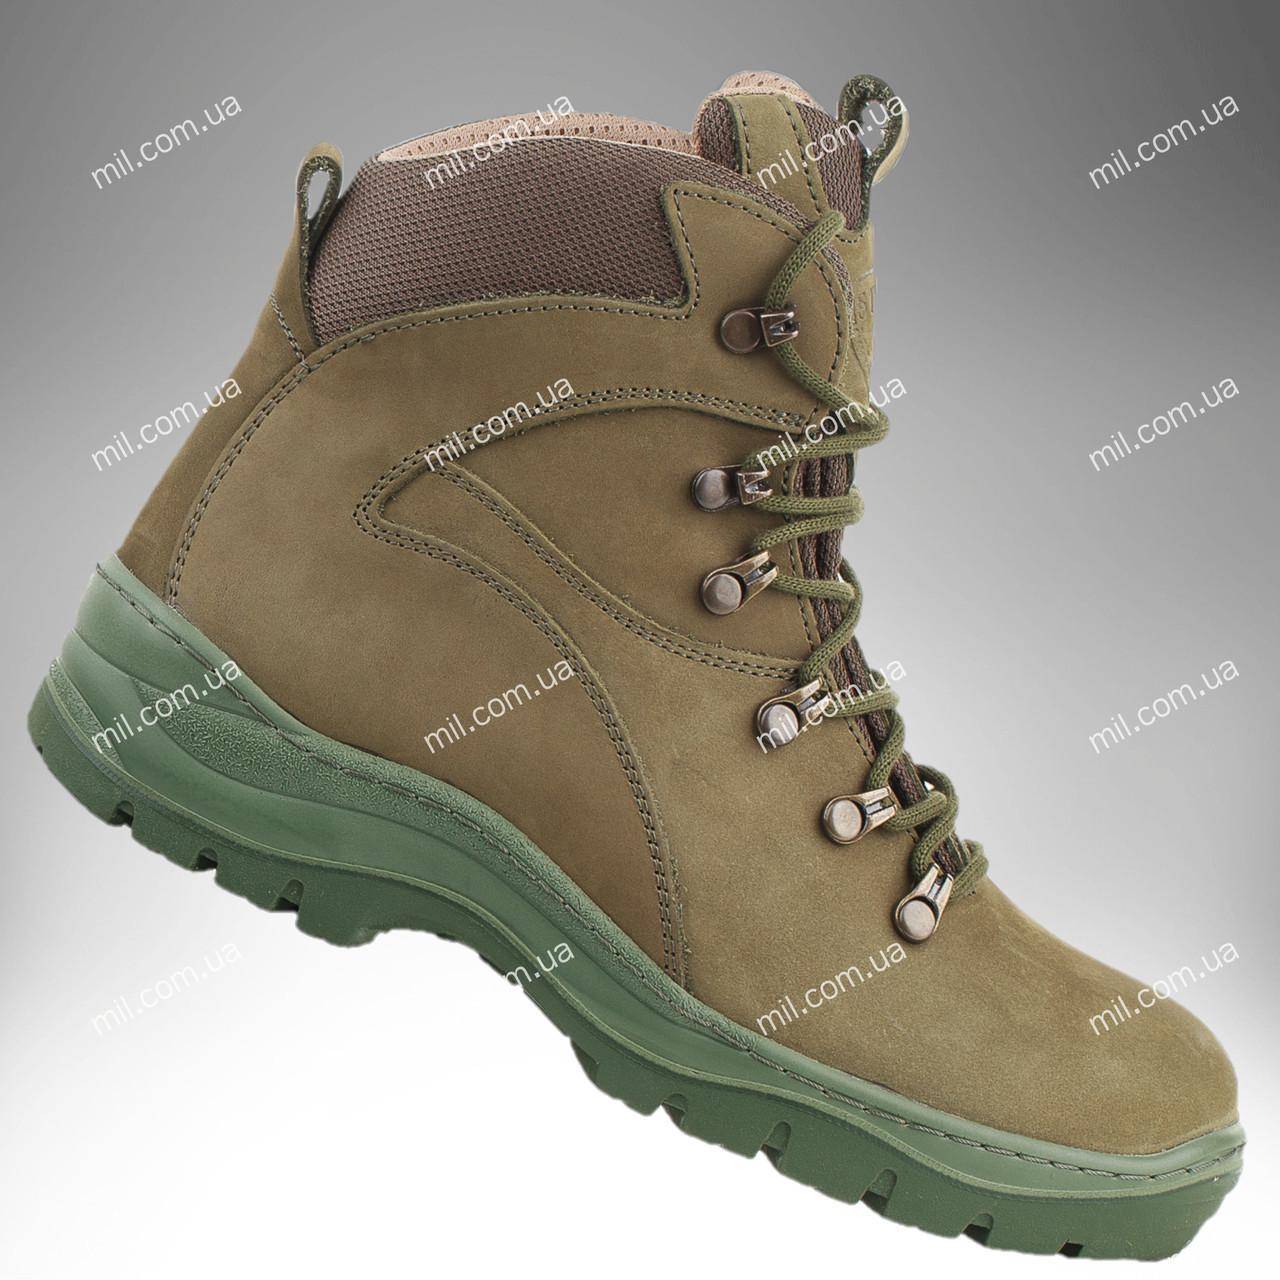 ⭐⭐Обувь военная демисезонная / армейские, тактические ботинки ОМЕГА (оливковый) | военная обувь, военные